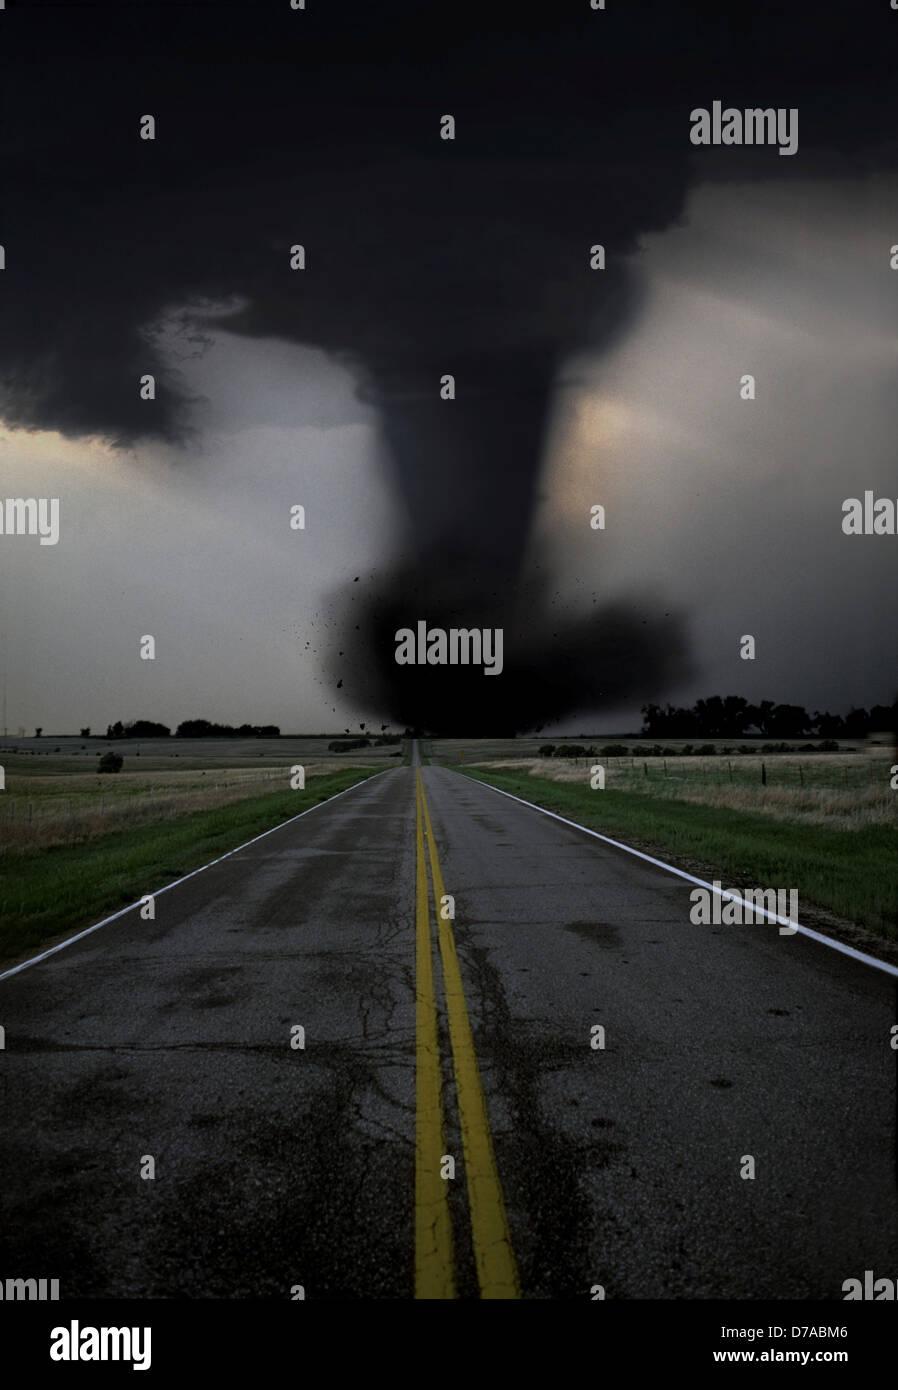 violent ef5 tornado crossing highway in texas illustration stock